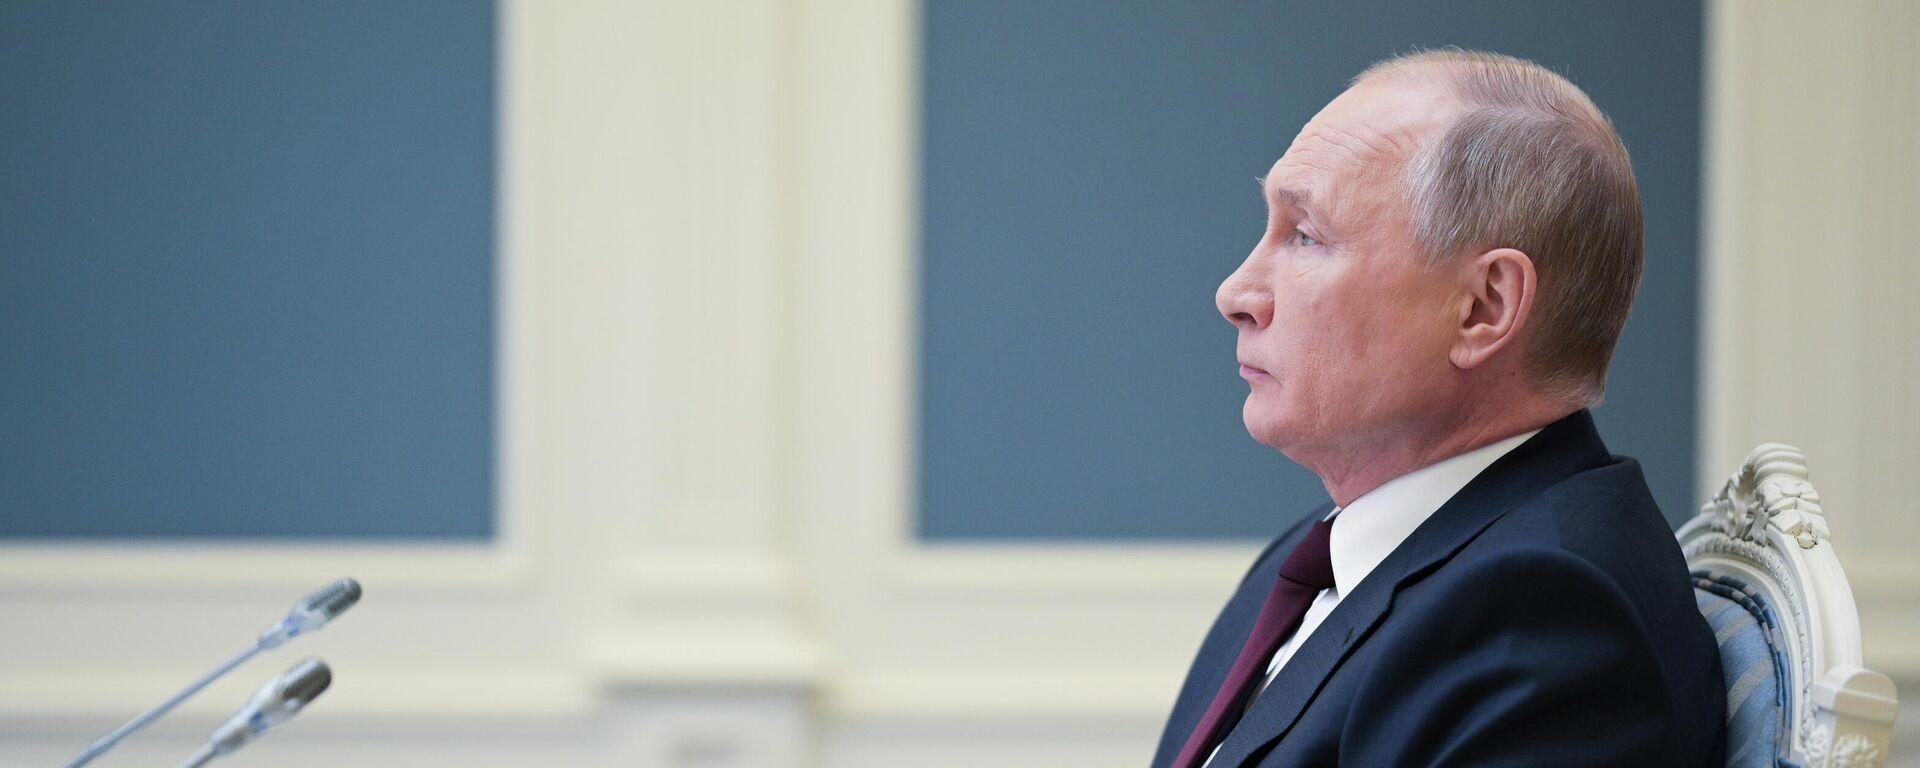 Russlands Präsident Wladimir Putin - SNA, 1920, 25.04.2021